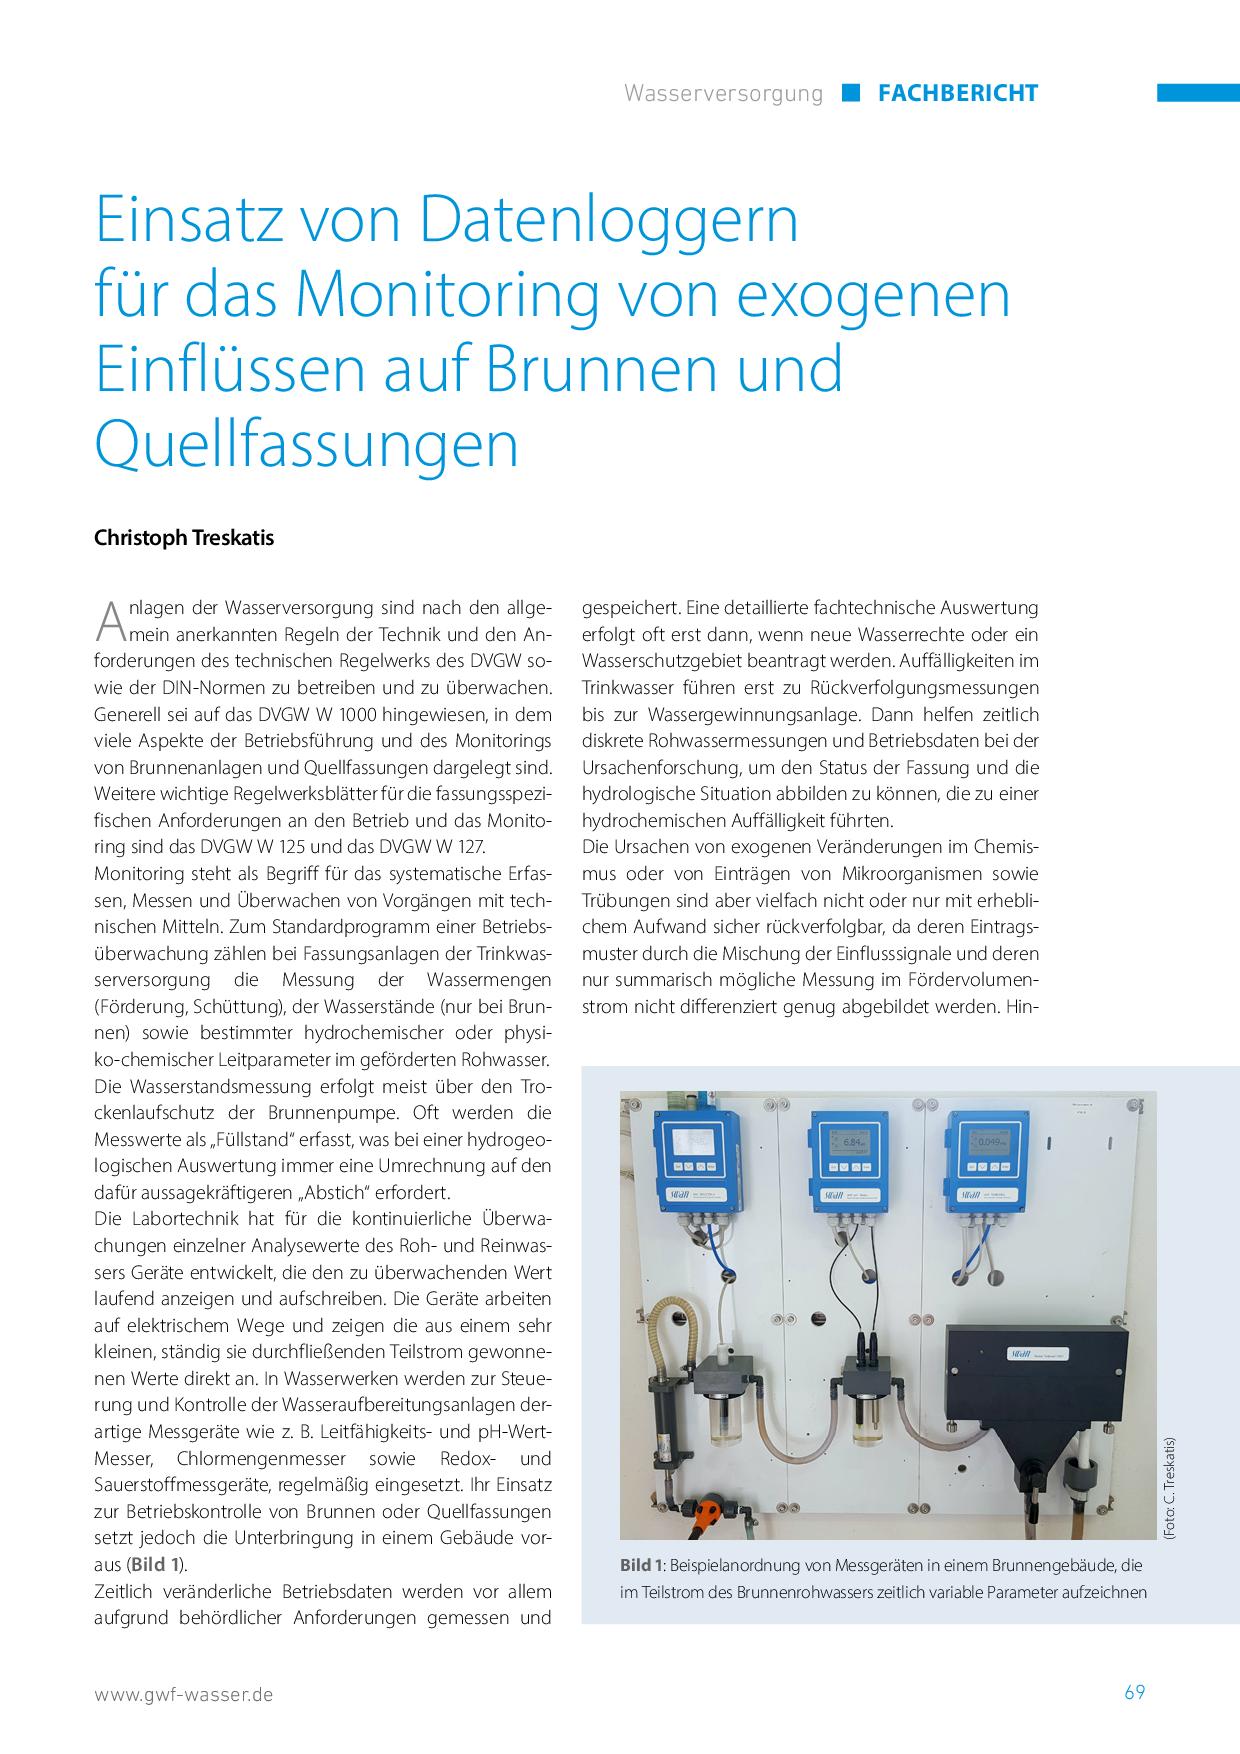 Einsatz von Datenloggern für das Monitoring von exogenen Einflüssen auf Brunnen und Quellfassungen